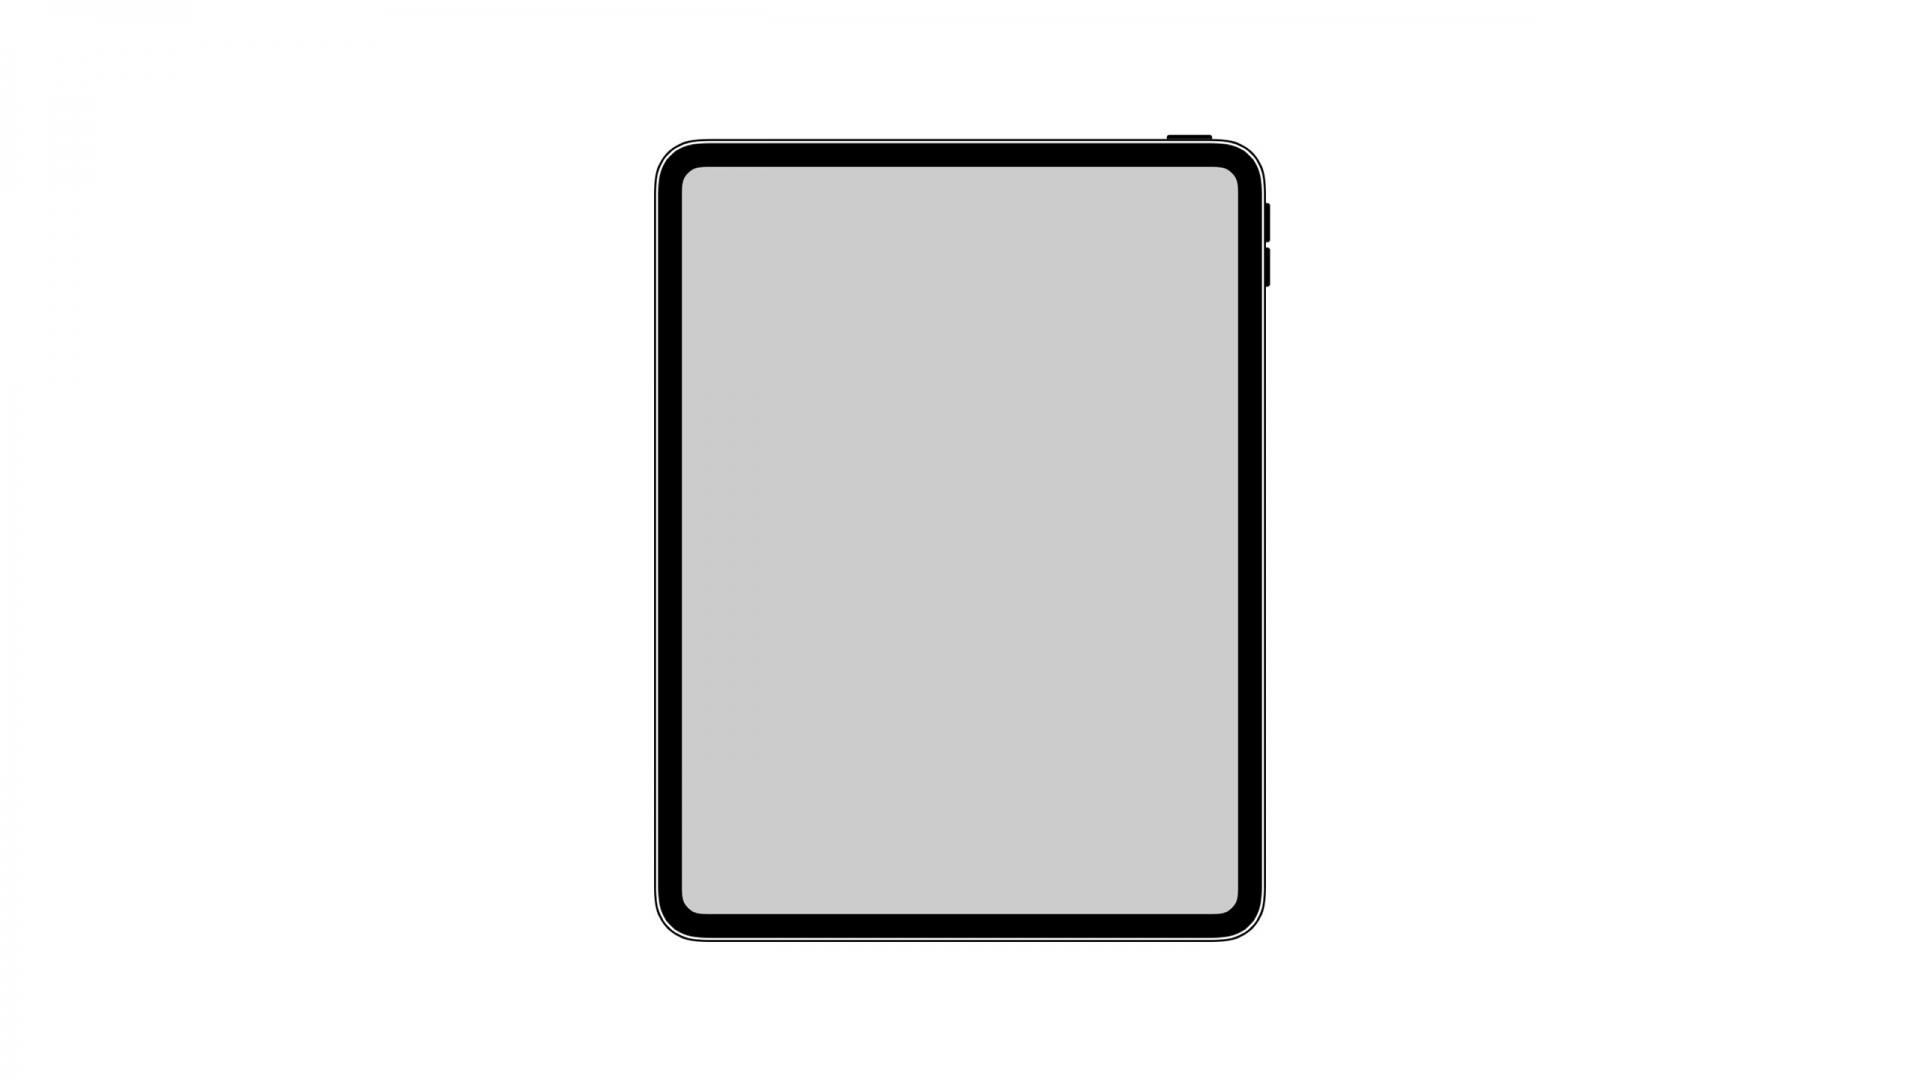 Ipad Pro 2018 Icon Img 1